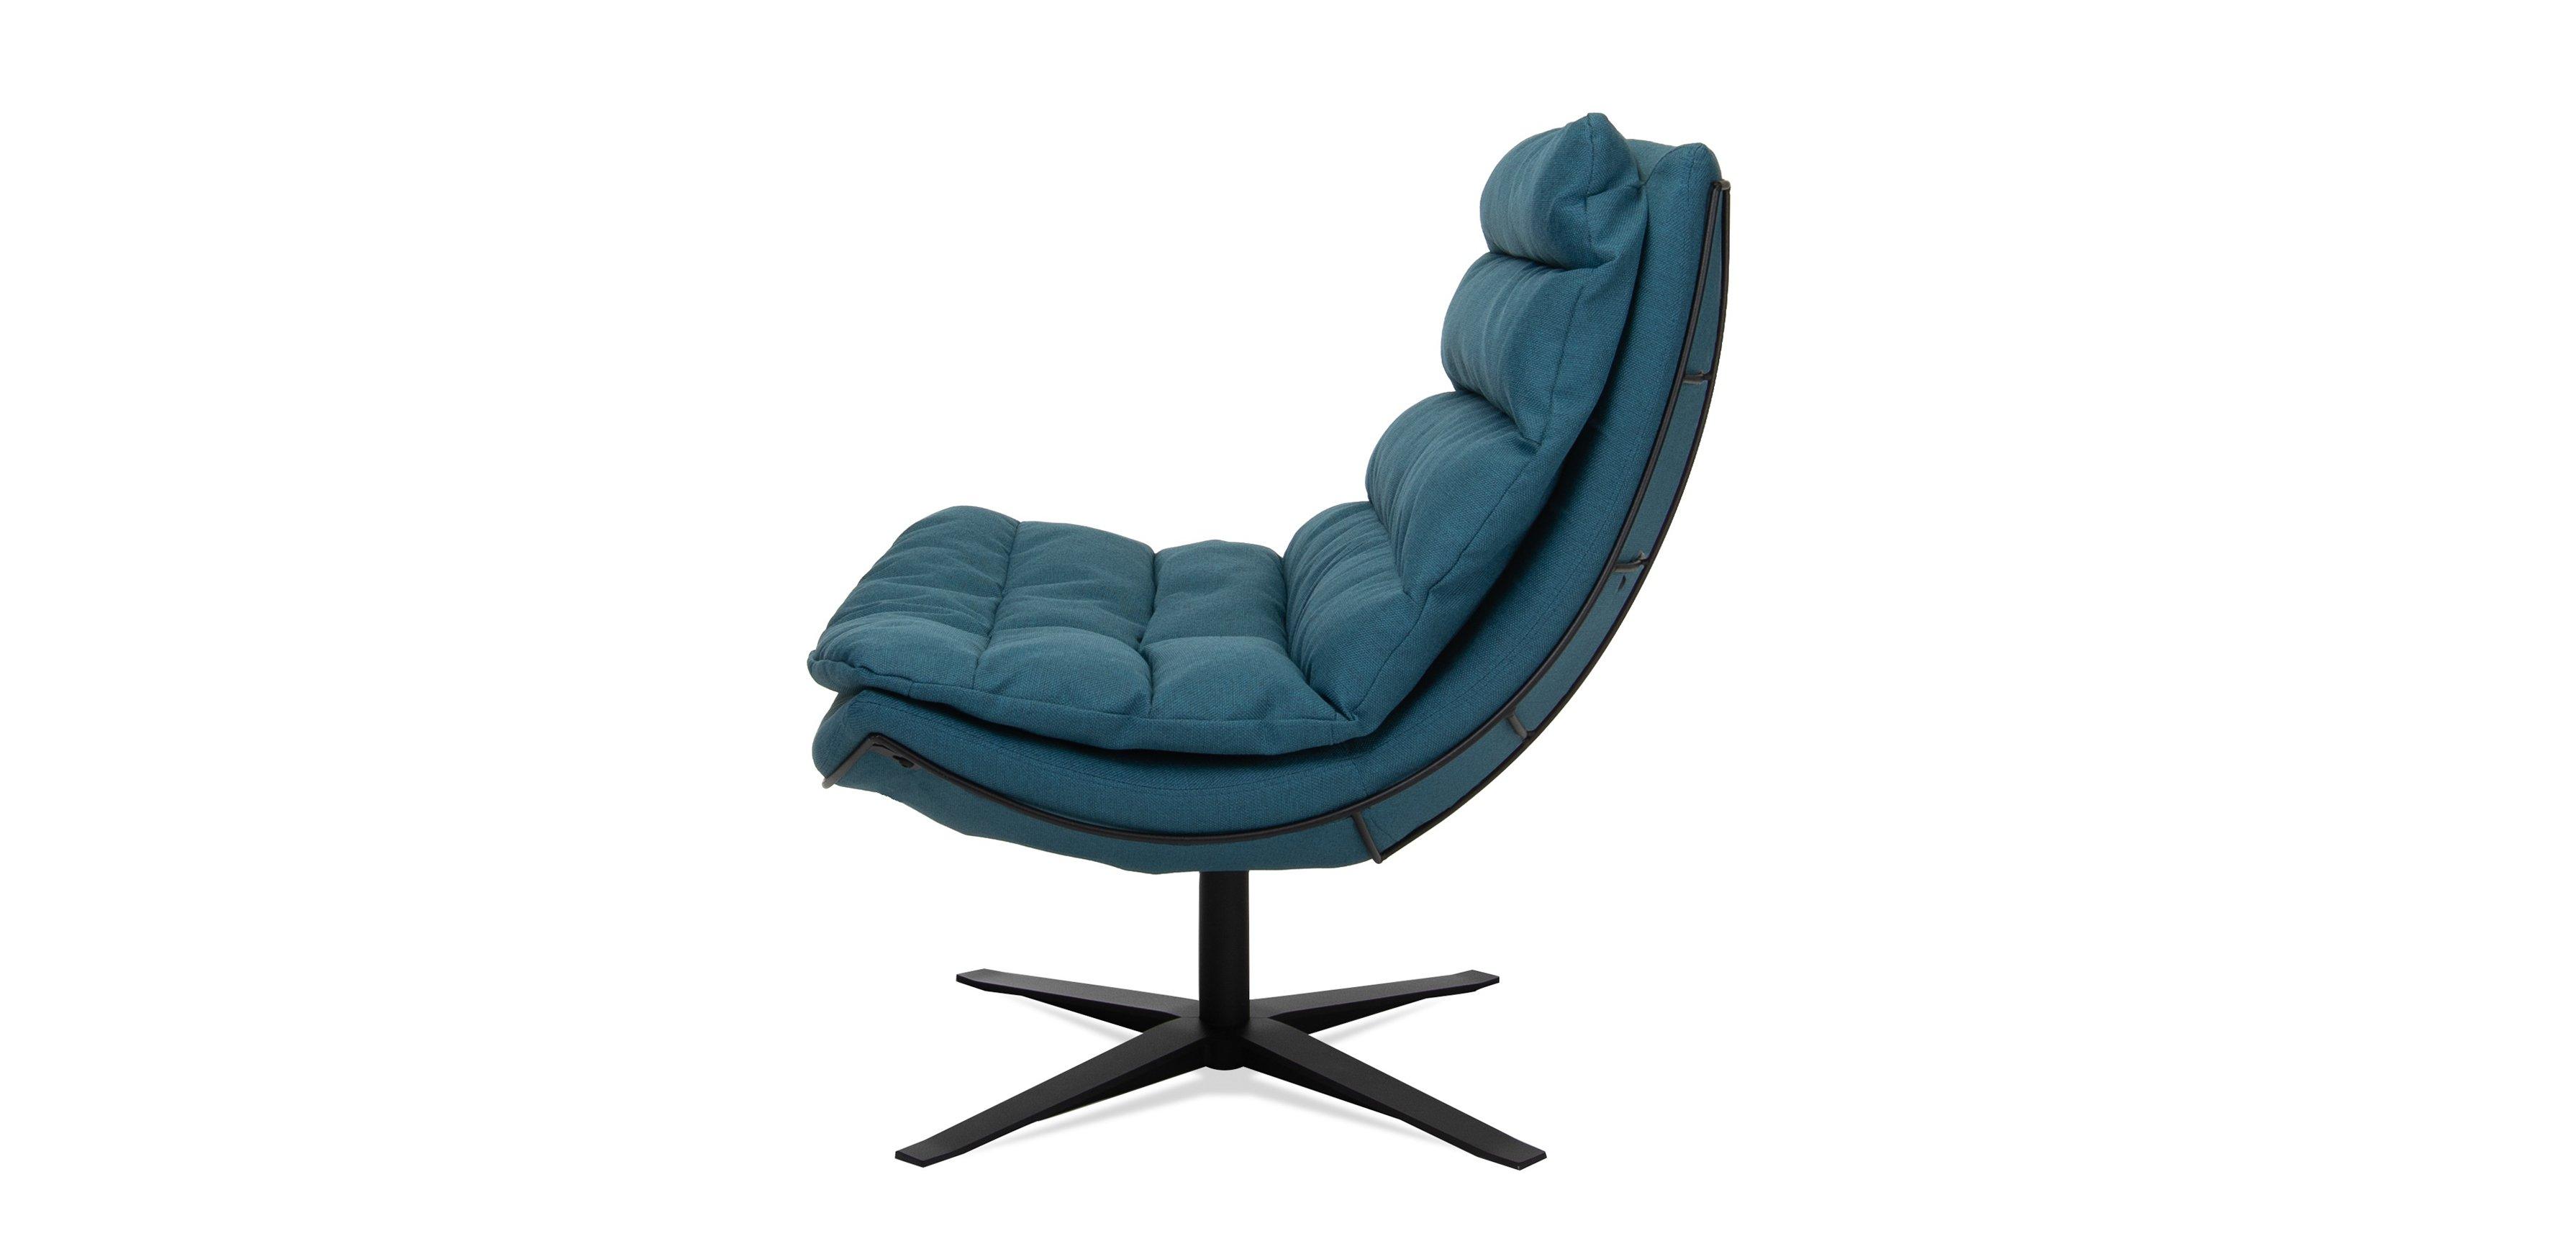 Kameraad hoog fauteuil DYYK 5